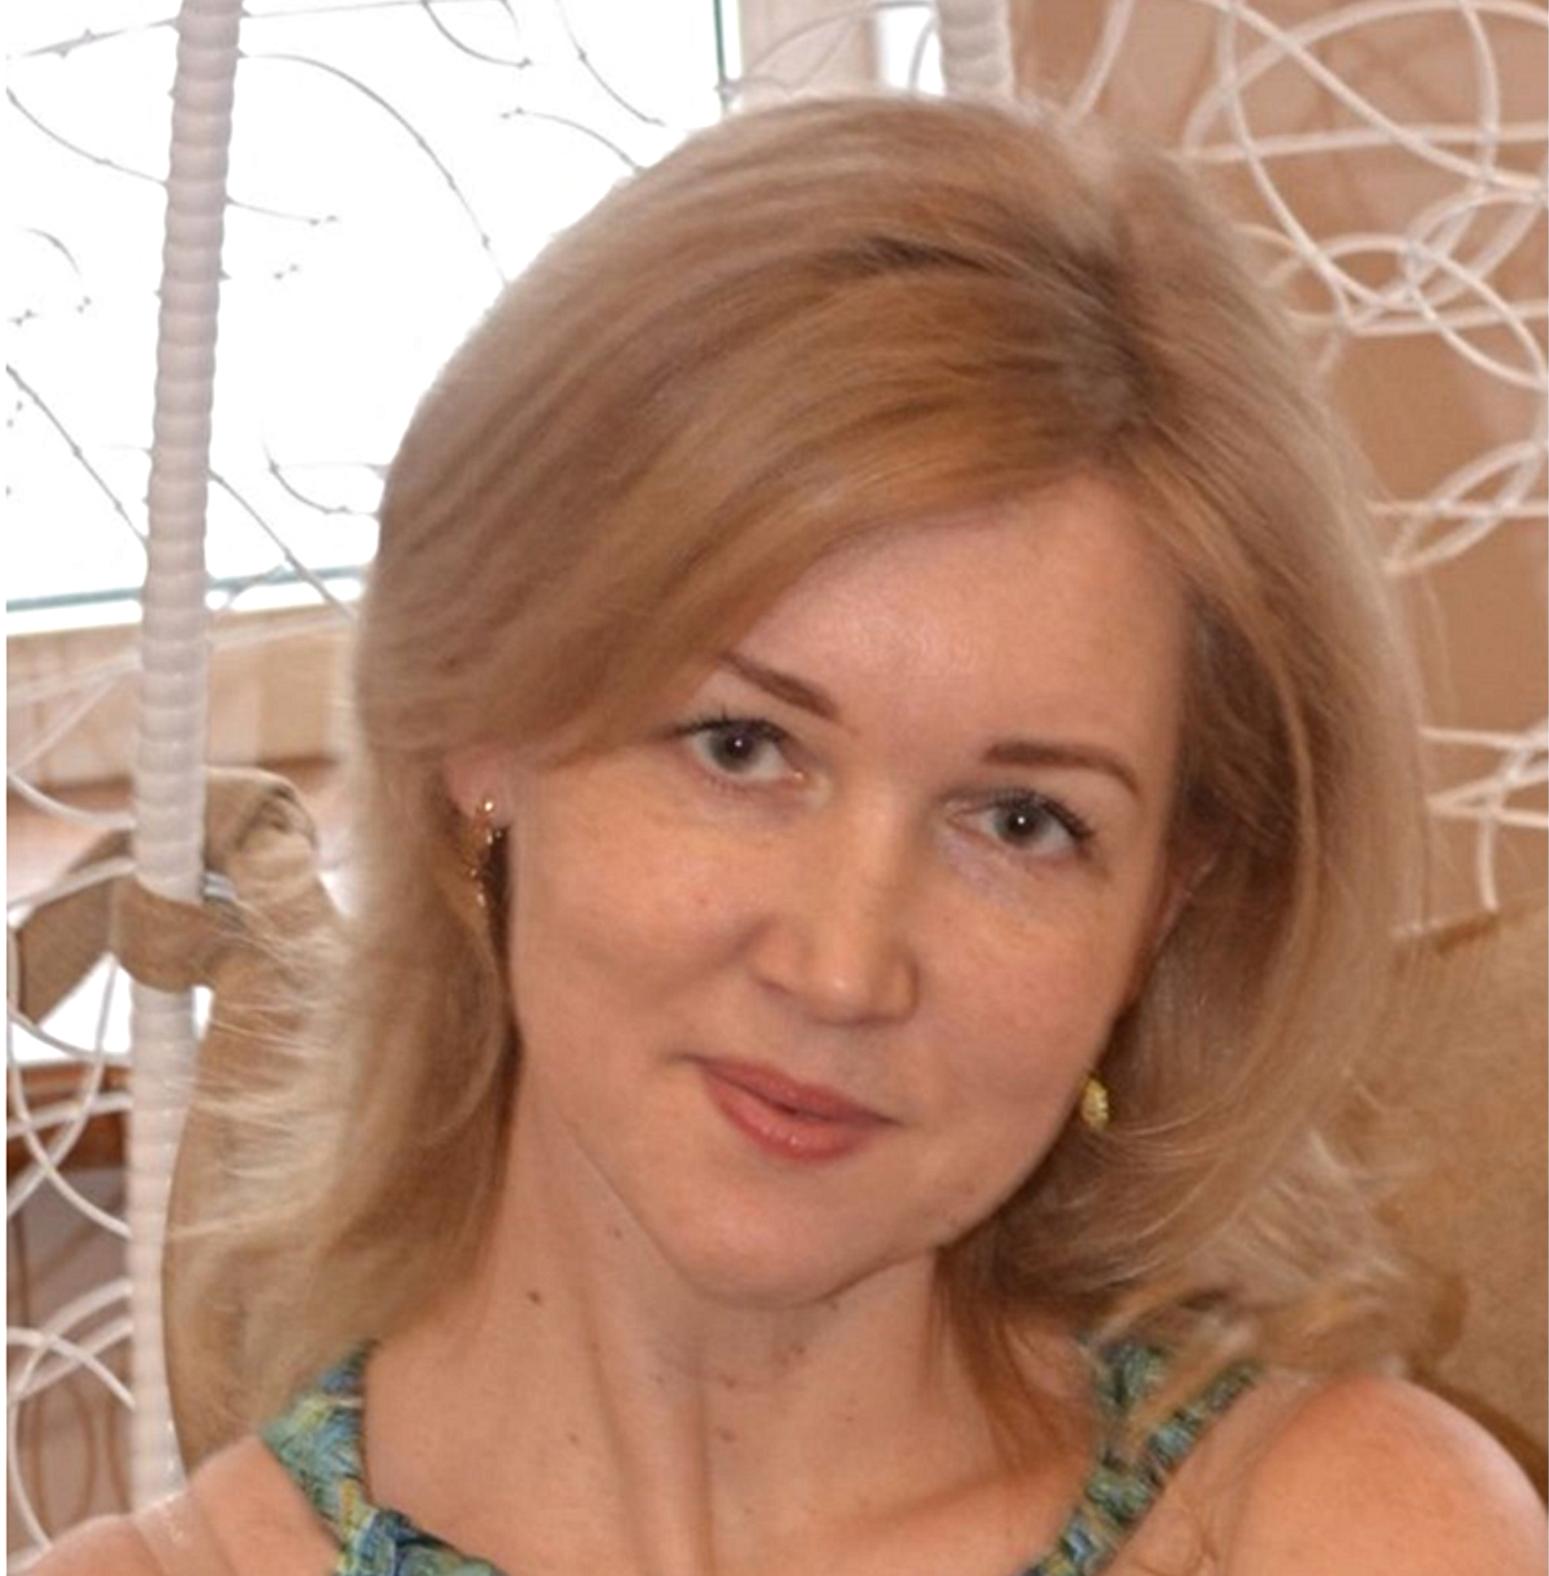 Екатерина (Пушкин) - второй год наша школа работает по программам Happy Intellect. С моей подругой открыли второй филиал в г. Павловске. Спасибо Вам огромное.